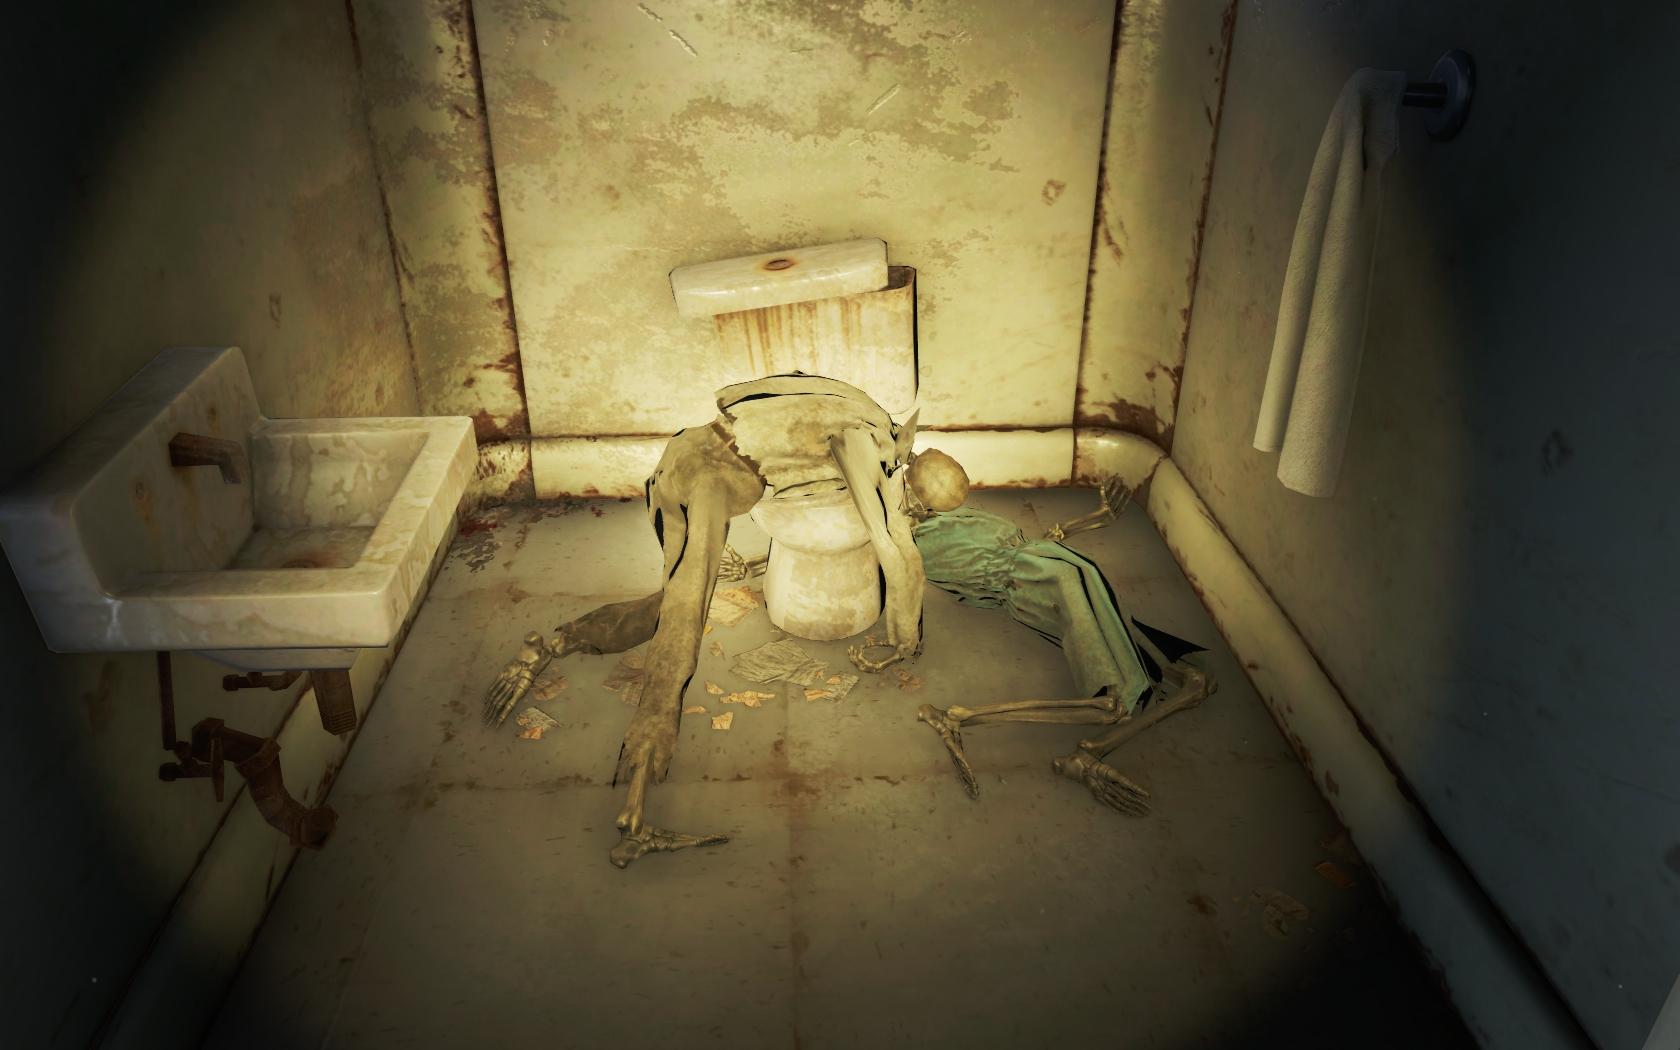 Парочка в туалете (Тринити-тауэр) - Fallout 4 Скелет, Юмор